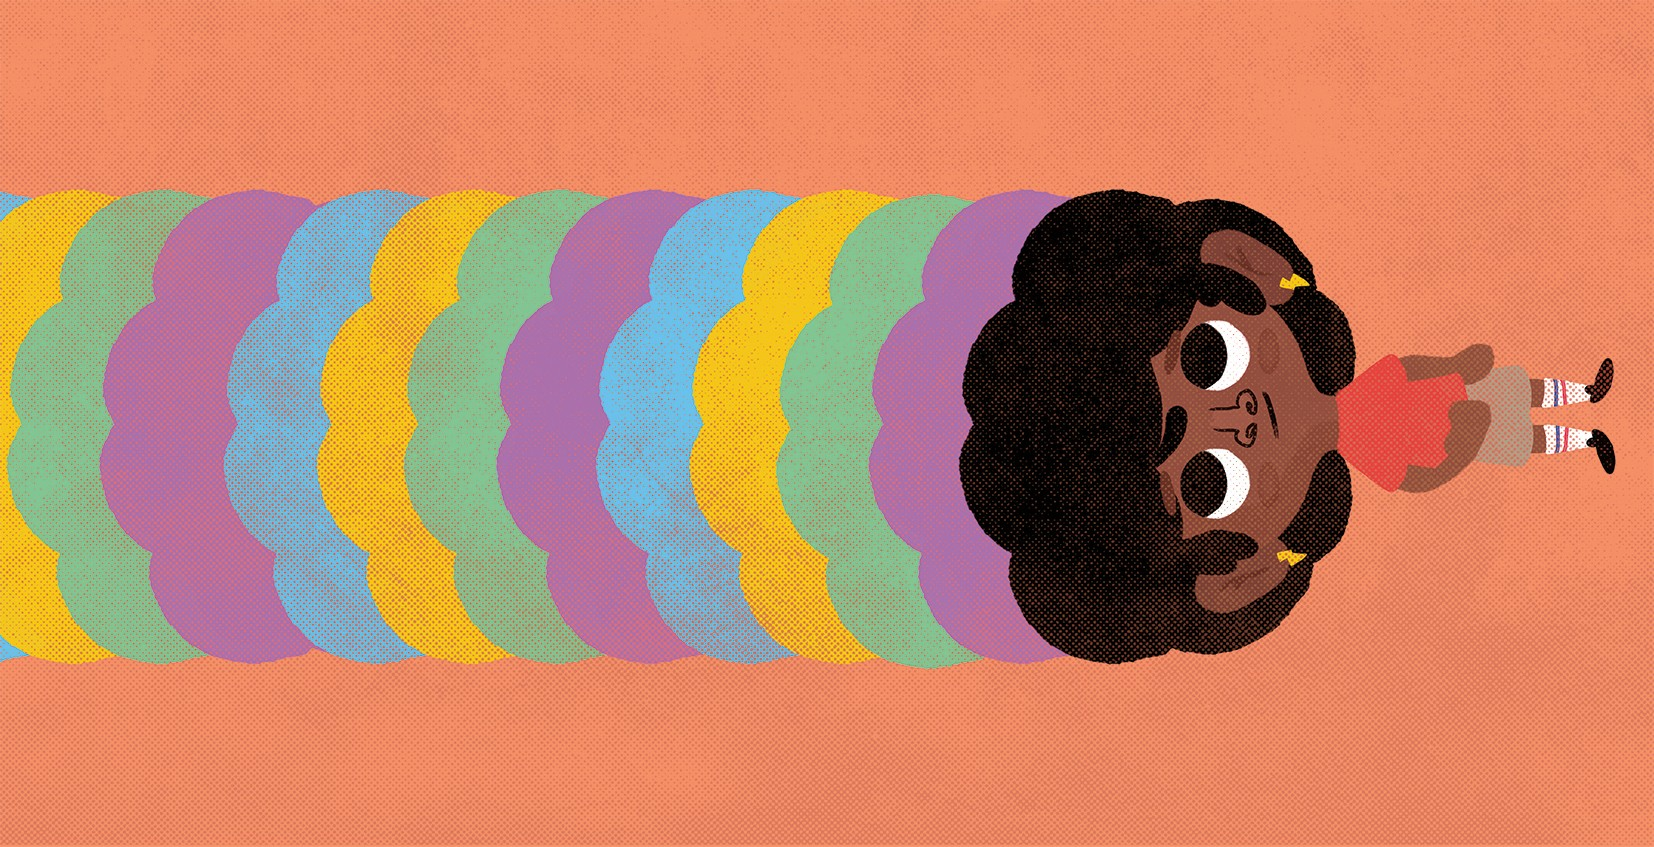 Amoras, o novo livro para crianças de Emicida (Foto: Divulgação)